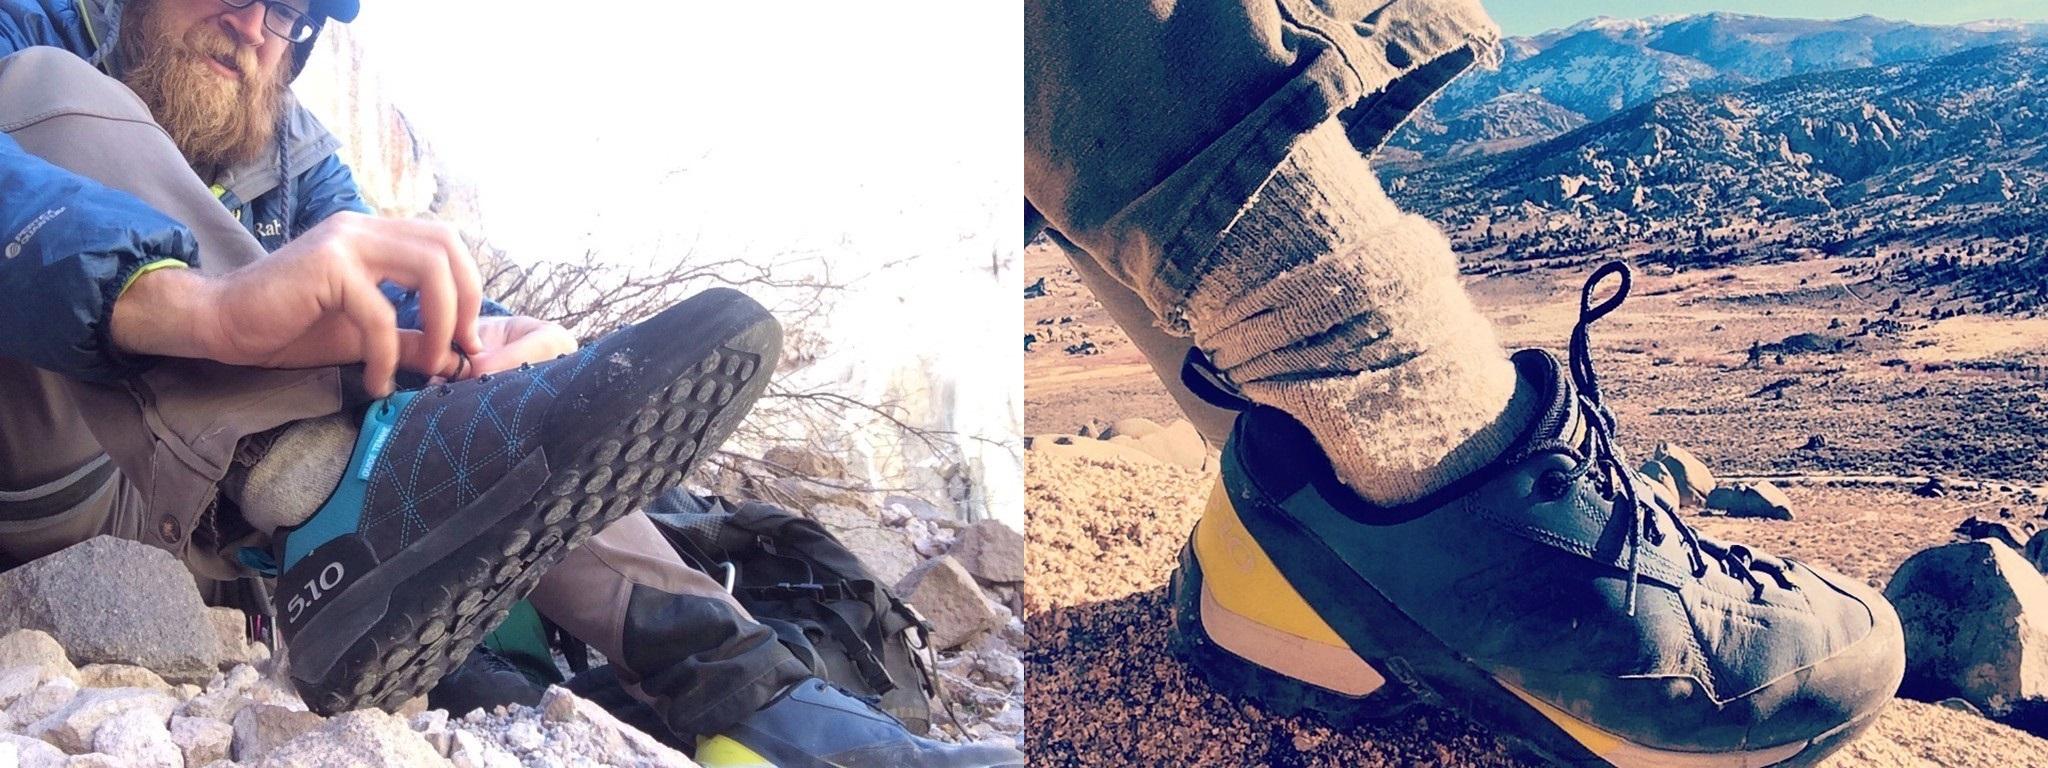 Naši obuv jsme podrobili srovnání s obuví La Sportiva Ganda a La Sportiva  Boulder X. ... Jaké nám tedy přineslo výsledky  Camp Four ... 8609888c148